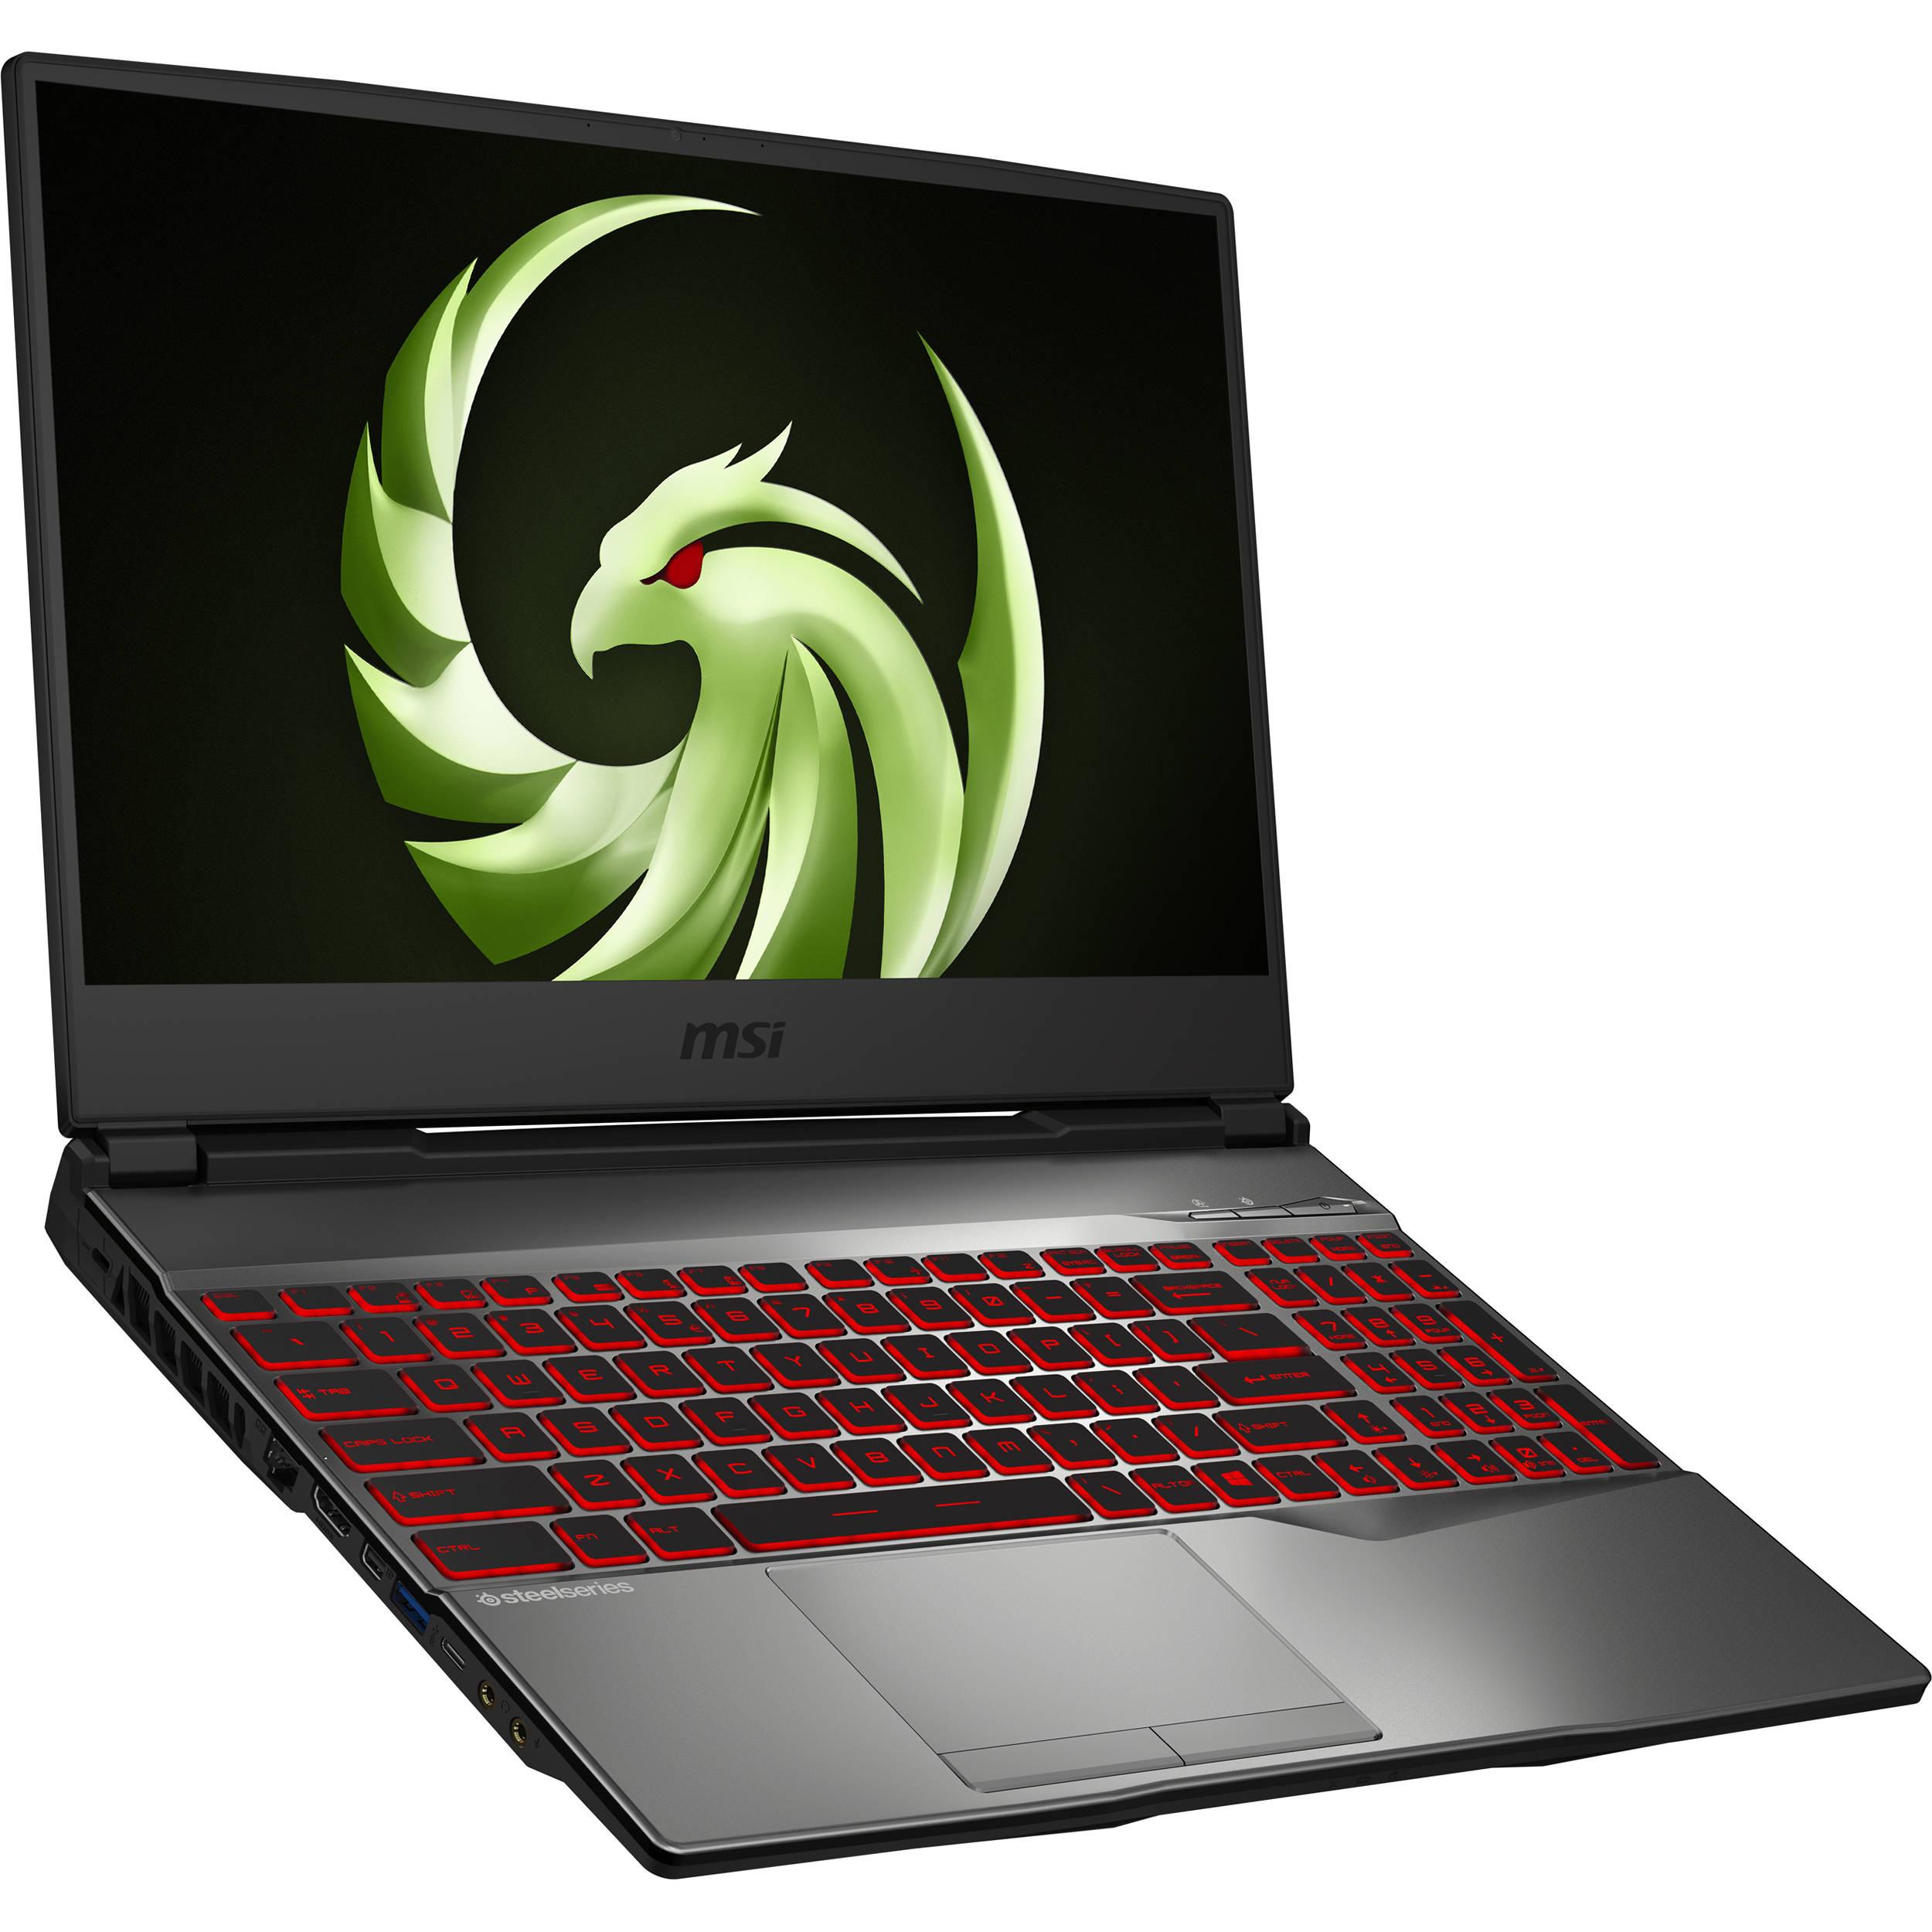 Upcoming Amd Gaming Laptop